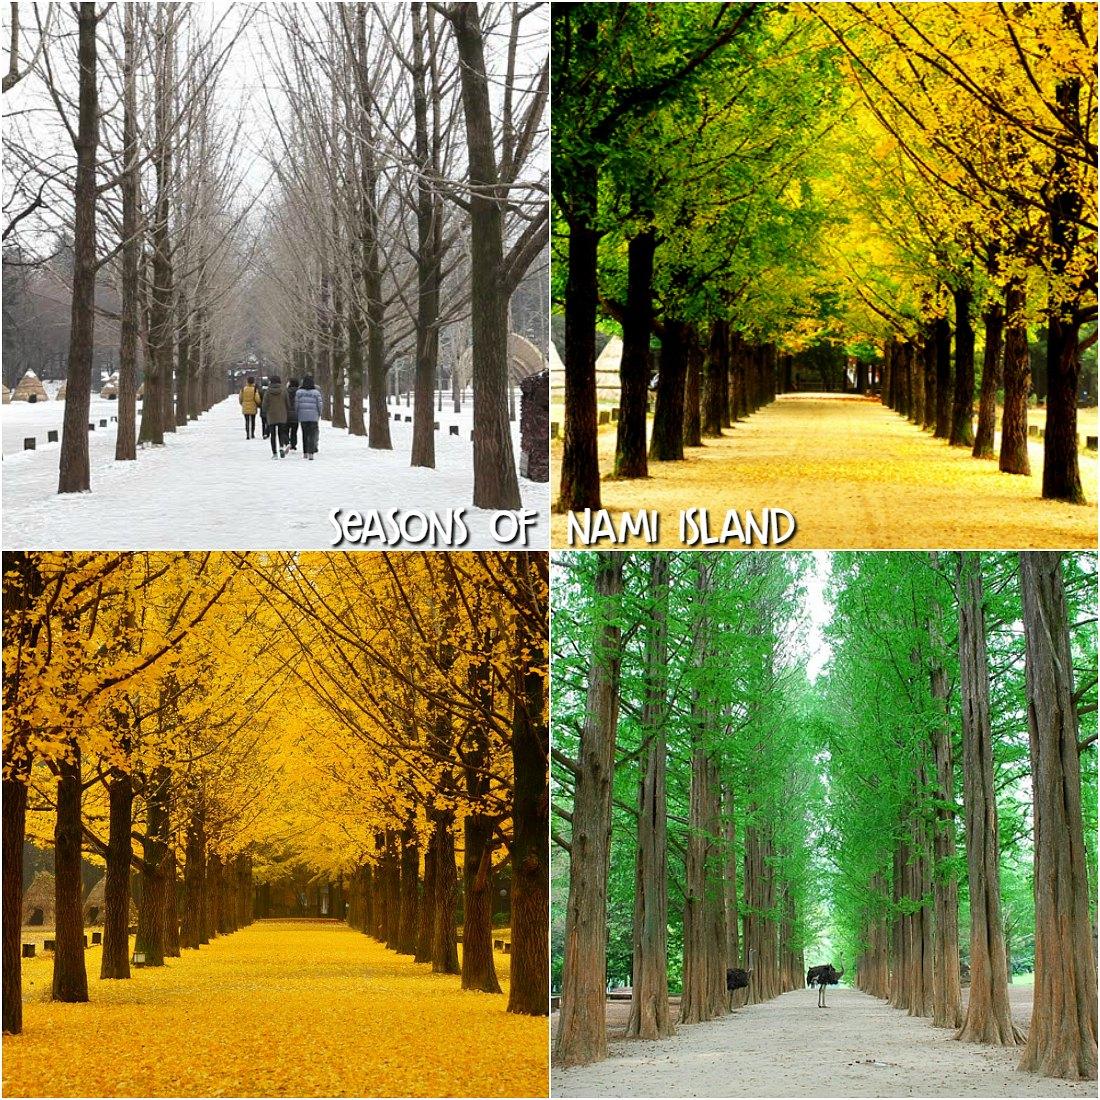 ĐẢO NAMI MÙA HÈ - cây xanh mát mẻ